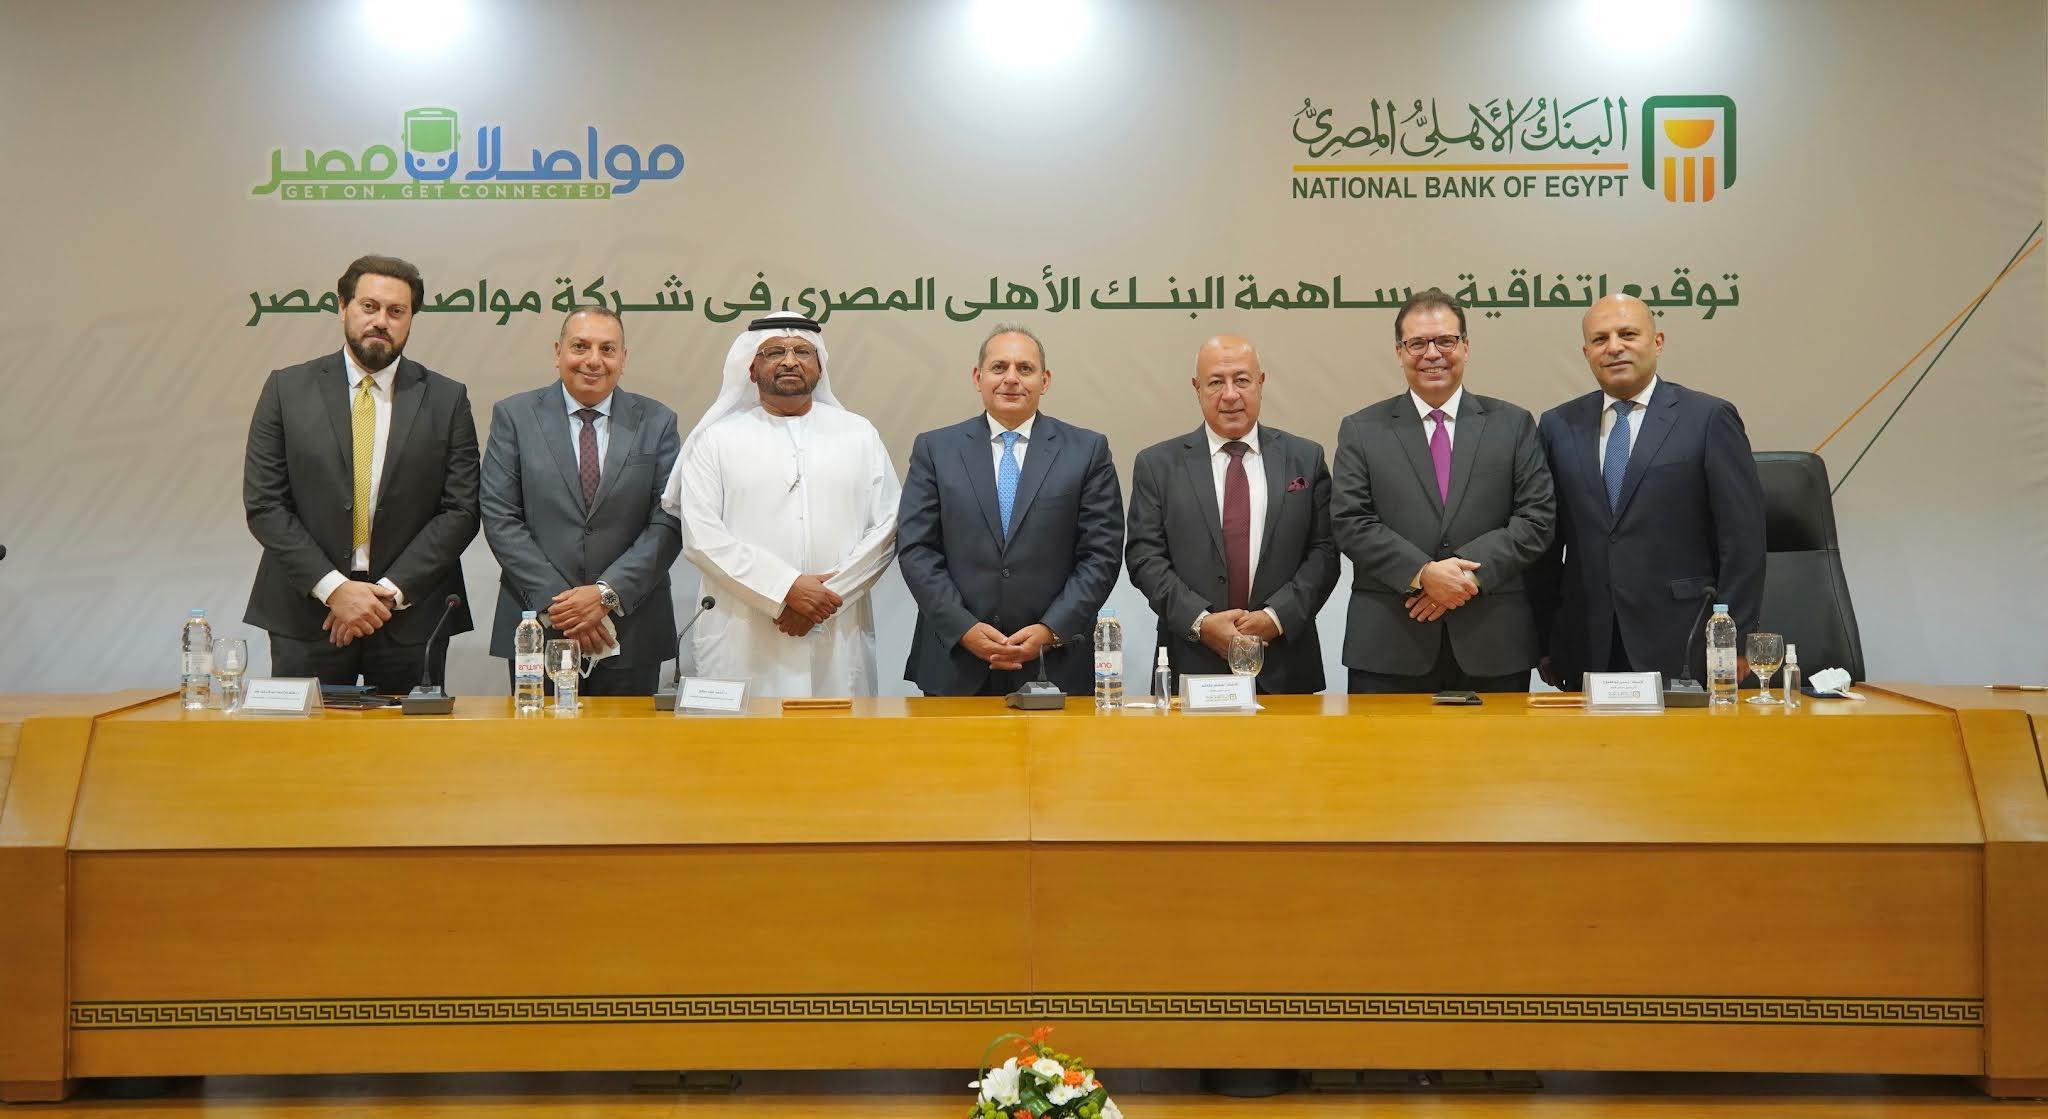 """البنك الأهلي يوقع اتفاقية لزيادة رأسمال """"مواصلات مصر"""" كمساهم جديد"""